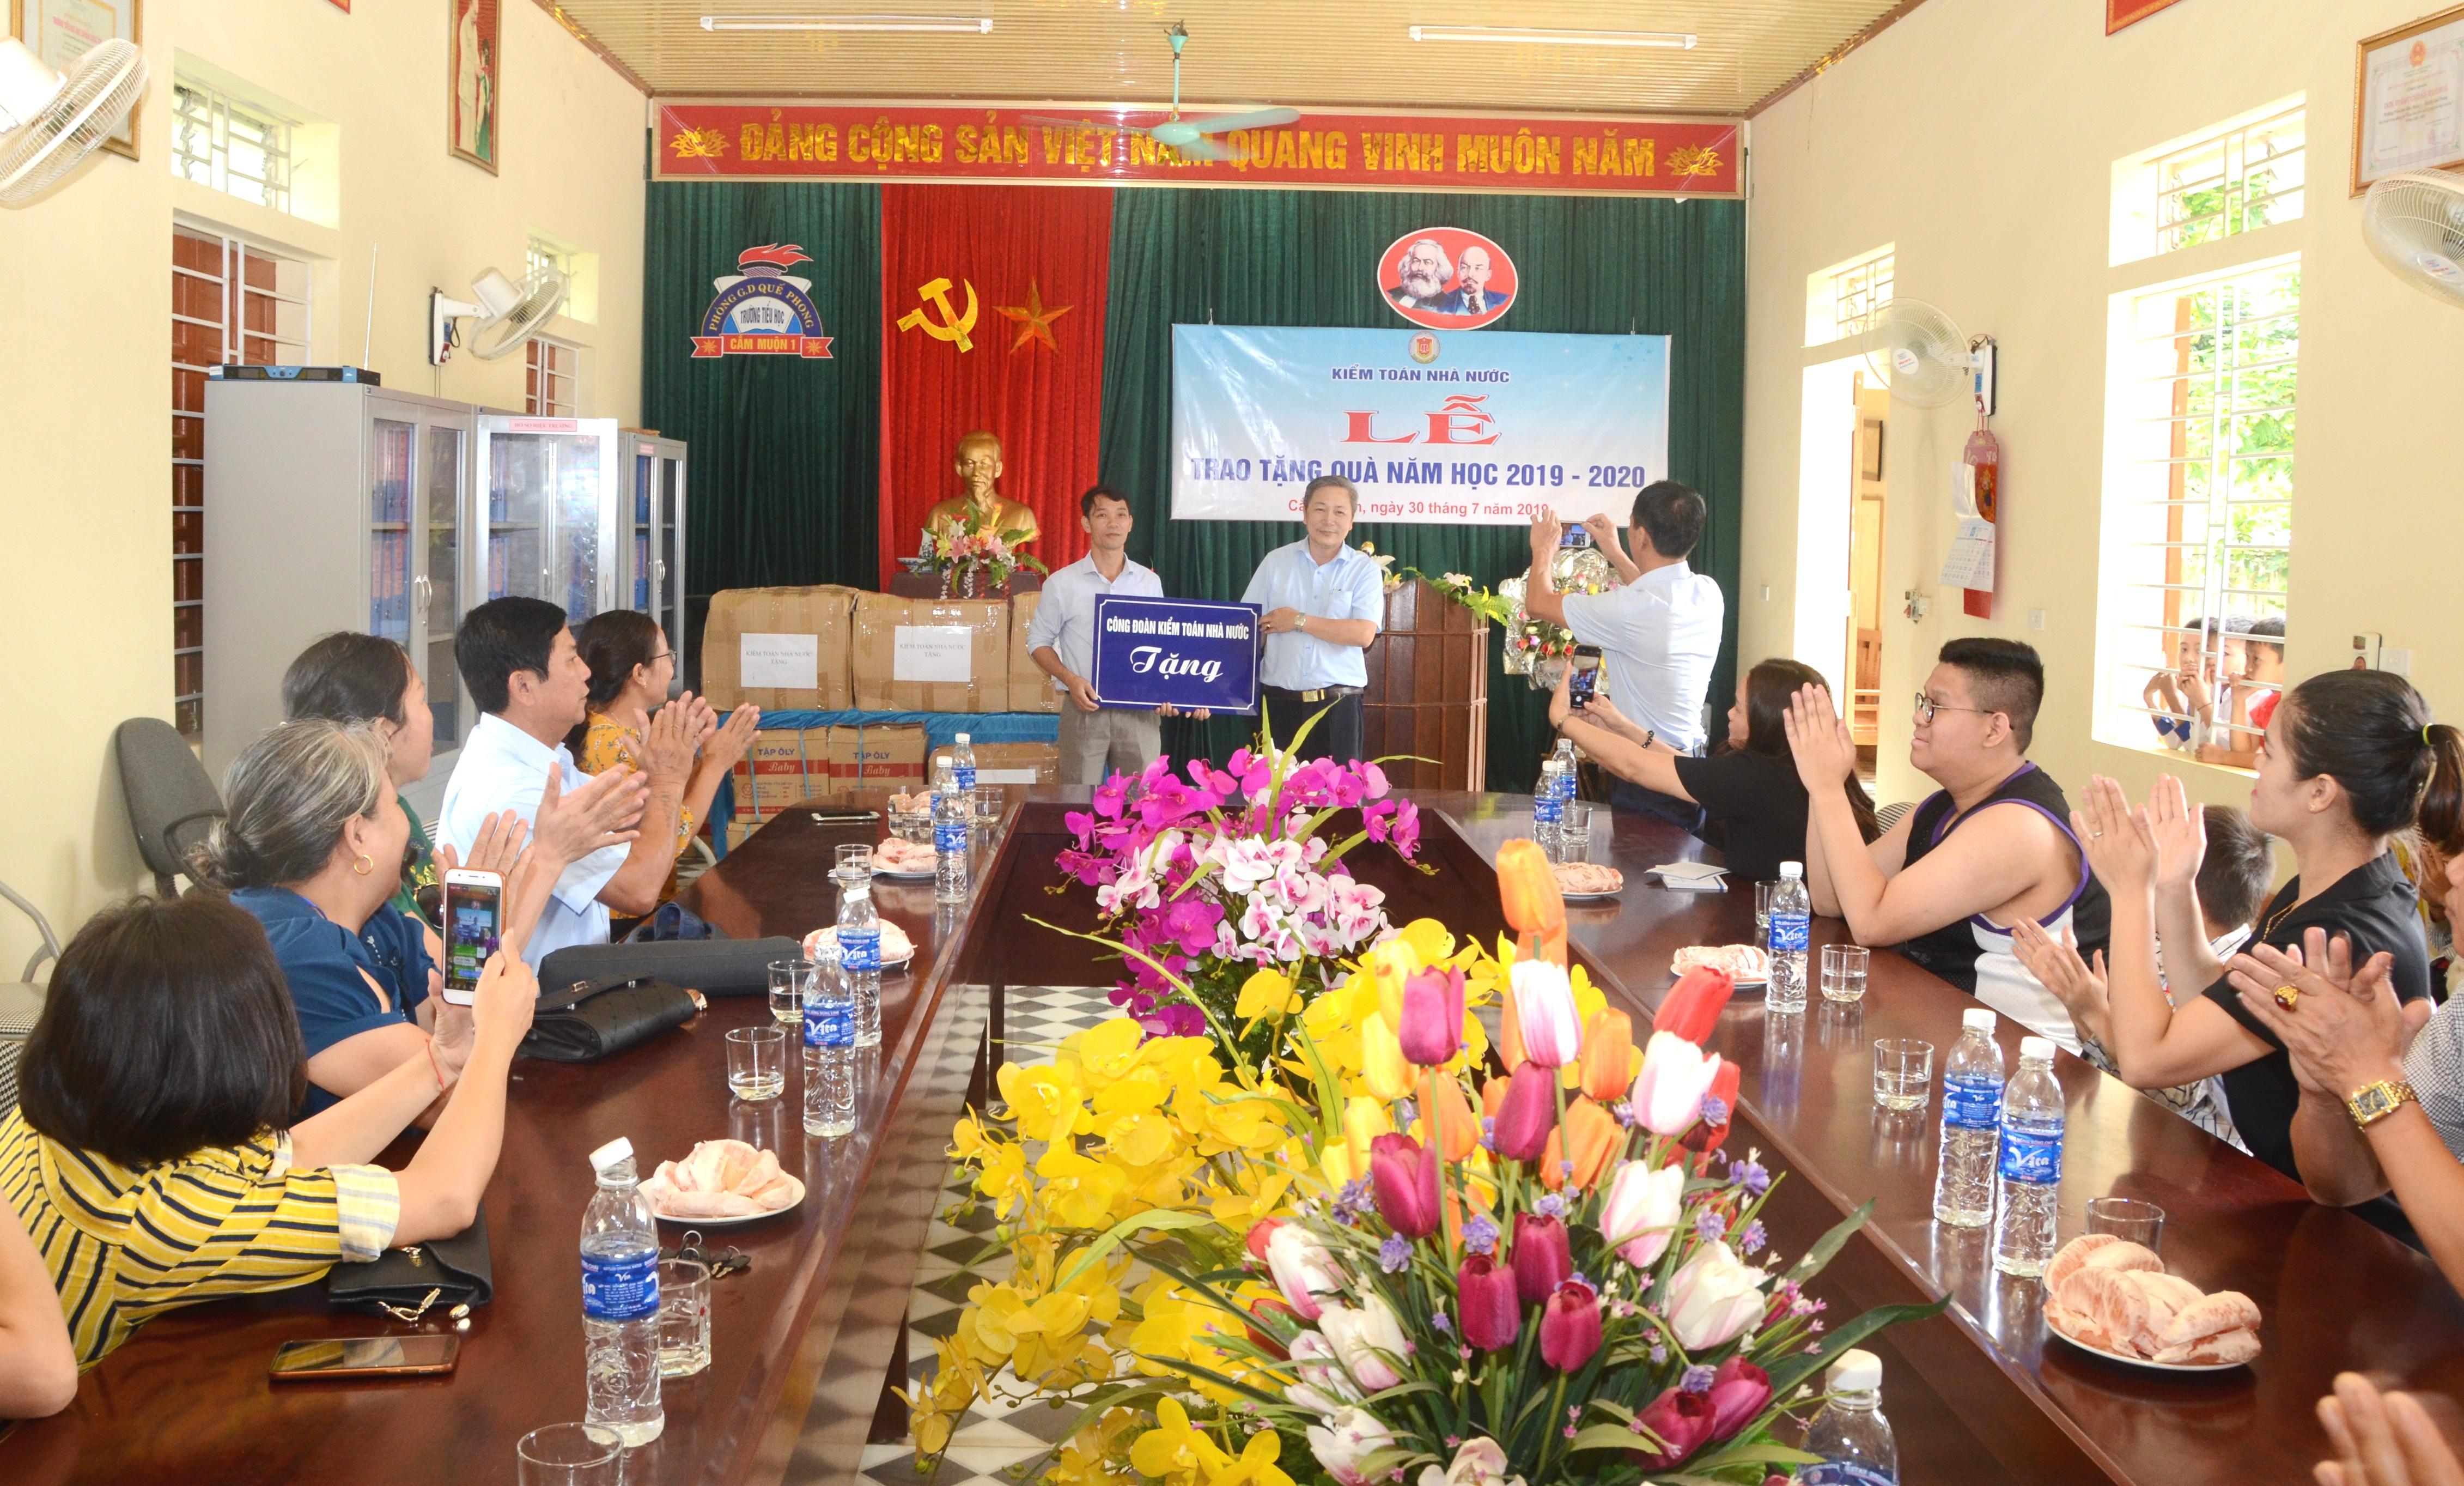 Công đoàn Kiểm toán Nhà nước tặng 30 bộ máy vi tính cho hai trường học tại Nghệ An